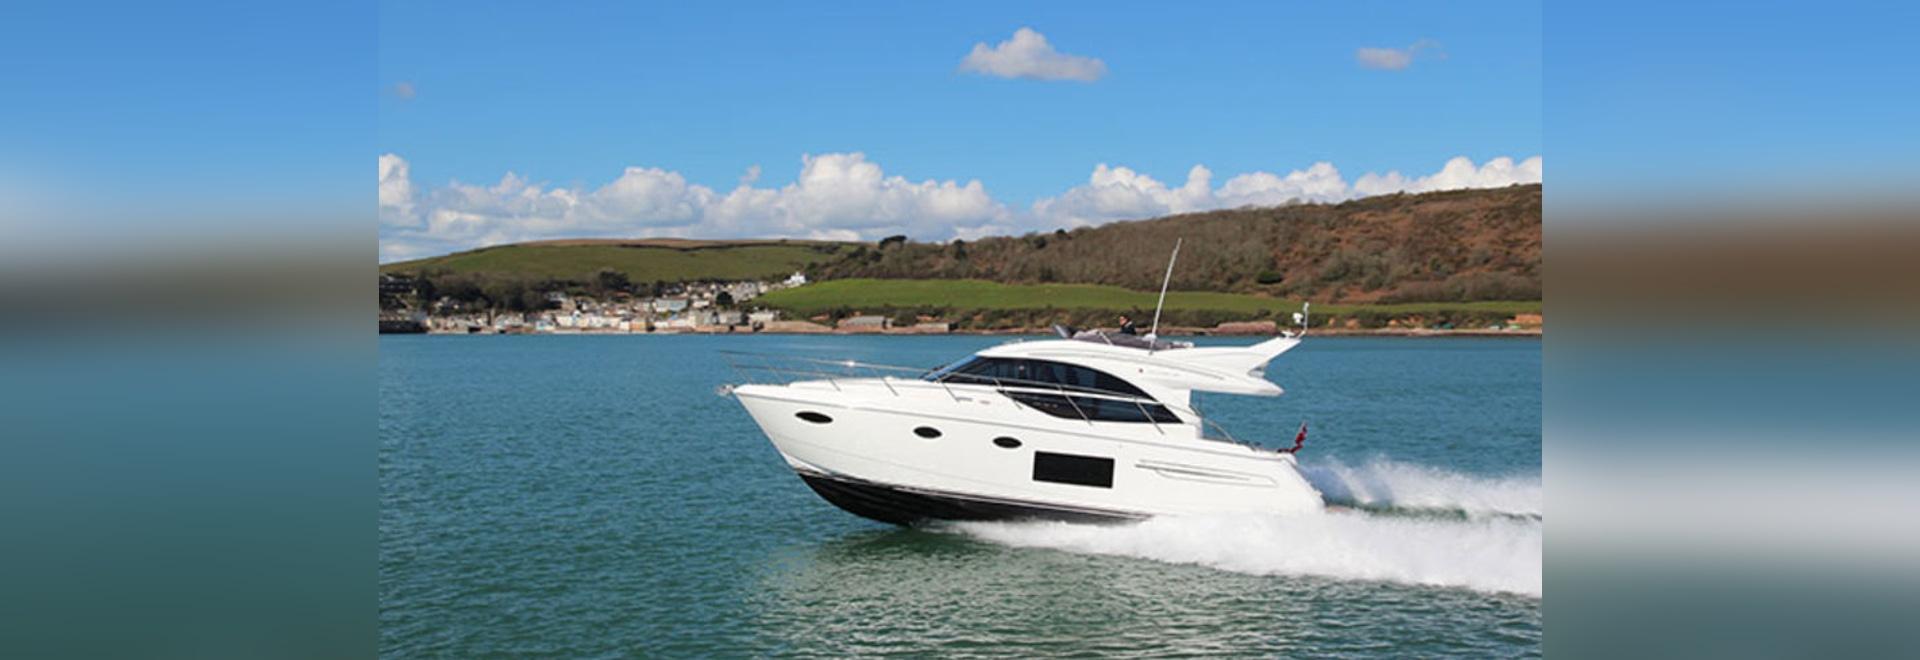 Due lanci della barca faranno una spruzzata ENORME alla manifestazione britannica dell'yacht del motore!